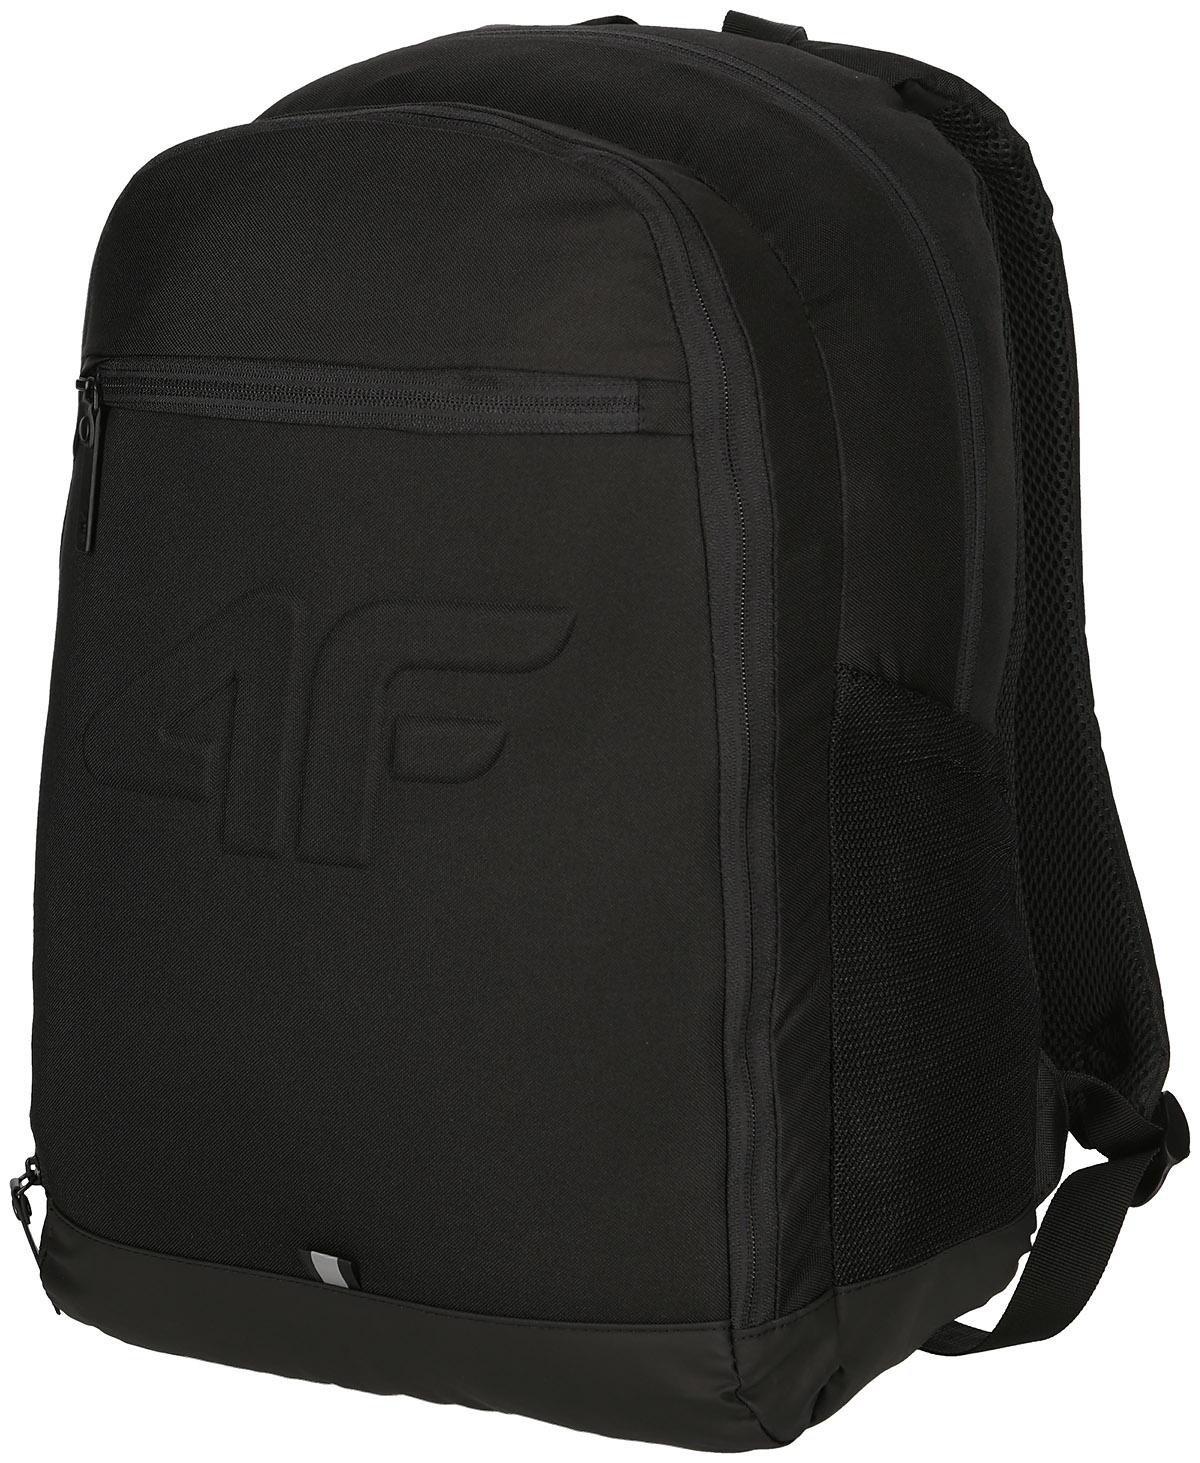 6fca67f86bd8e Kupić.pl - 4F - Plecak miejski PCU300 - głęboka czerń